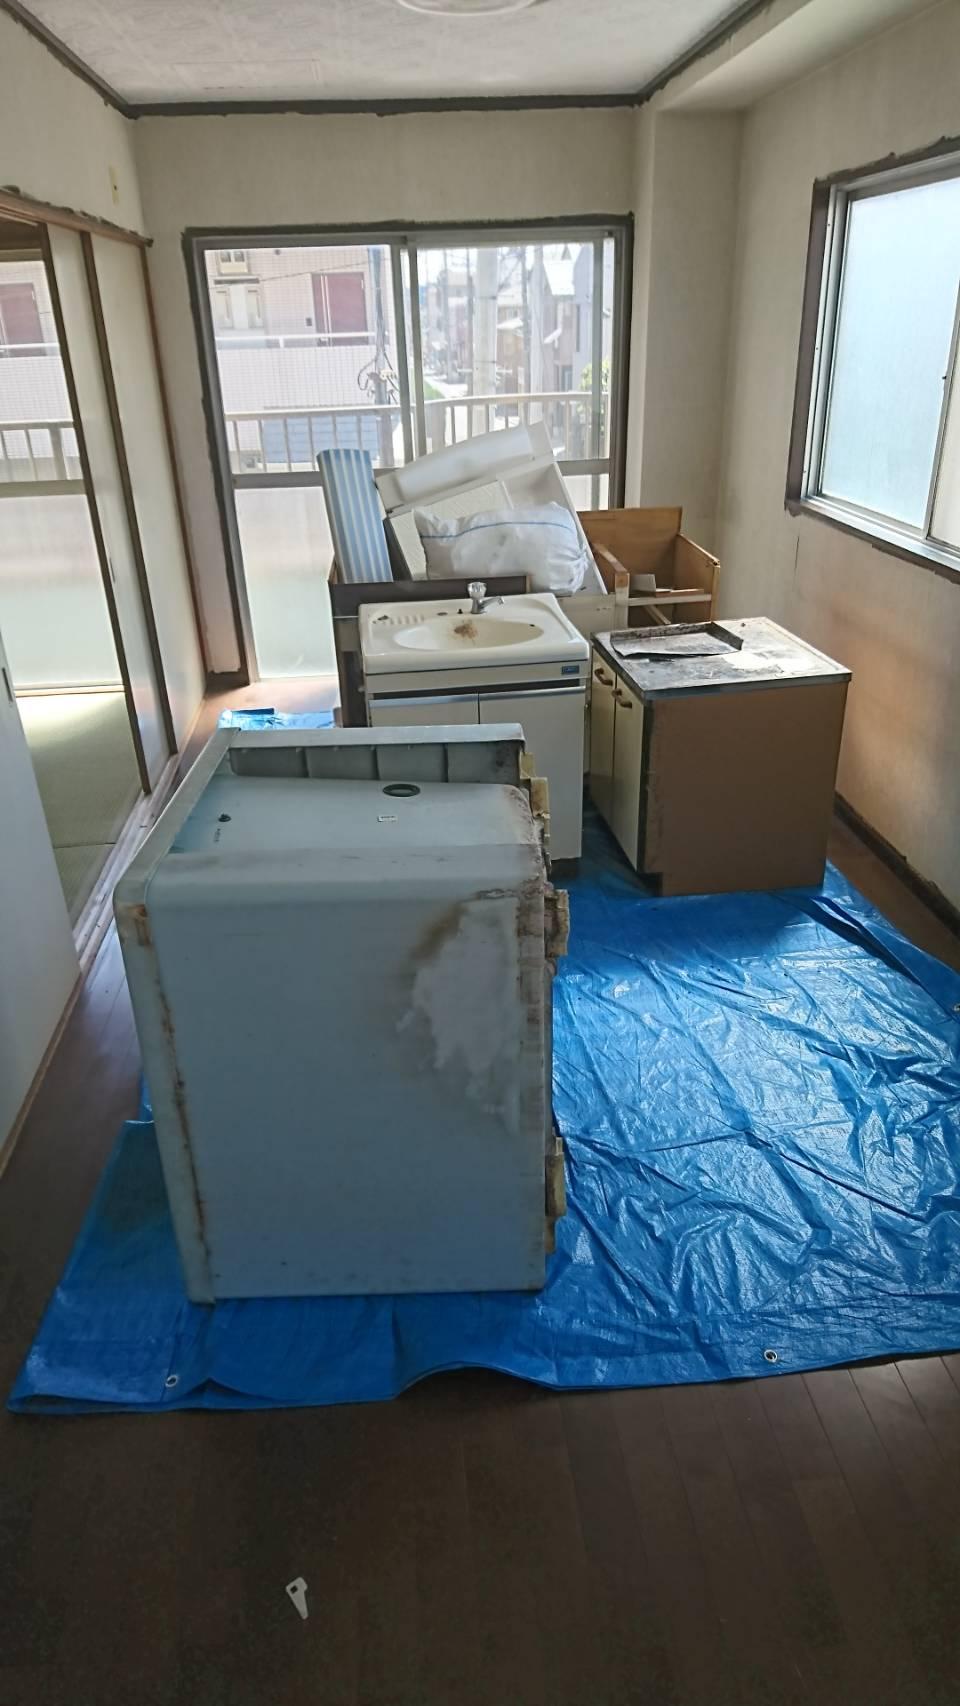 埼玉県新座市  リフォーム時に出るキッチンや浴槽や洗面台や便器など回収